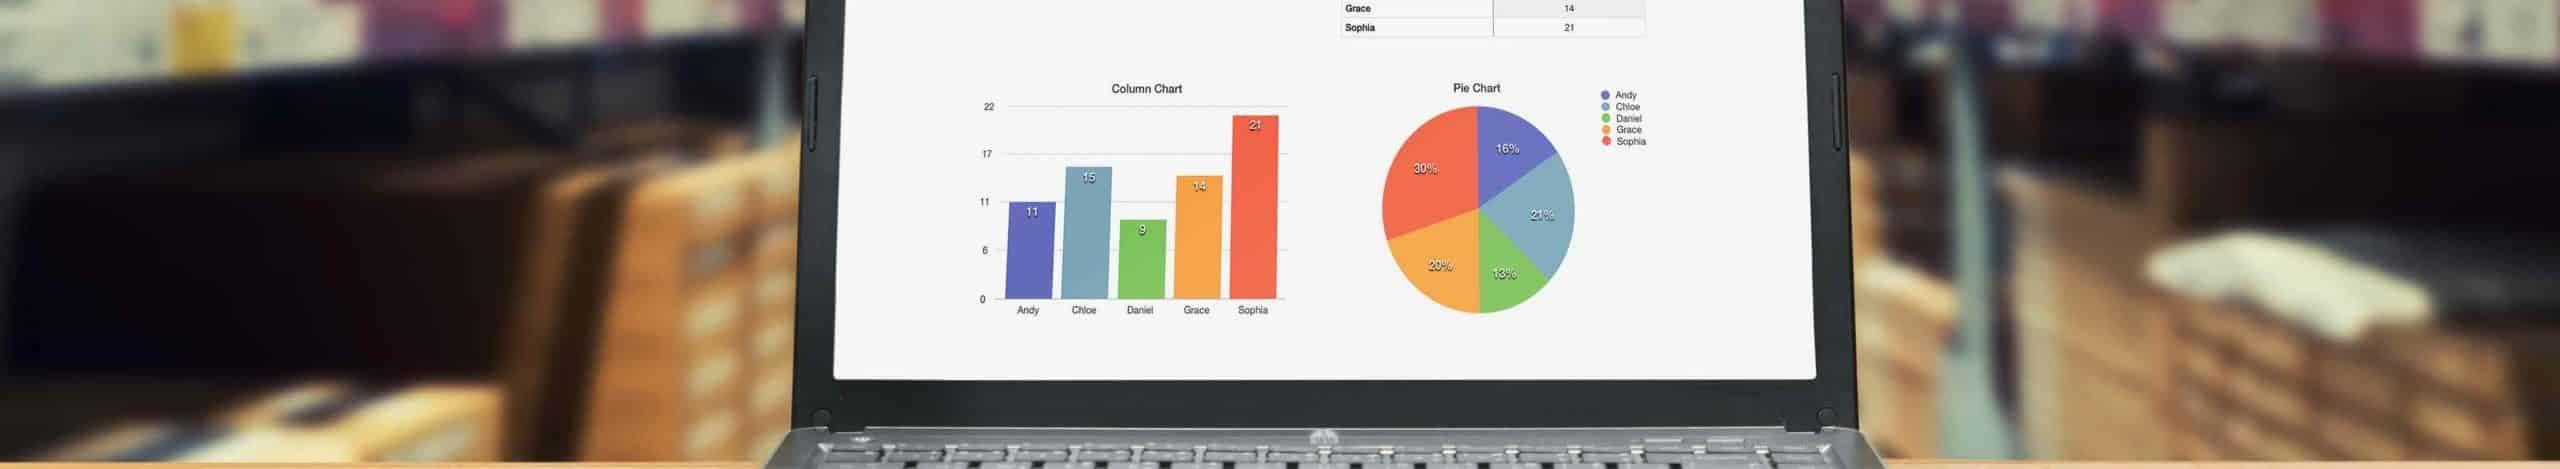 Business Intelligence führt in Kombination mit digitalen Frachtplattformen zu produktiveren und effizienteren Abläufen in der Logistik